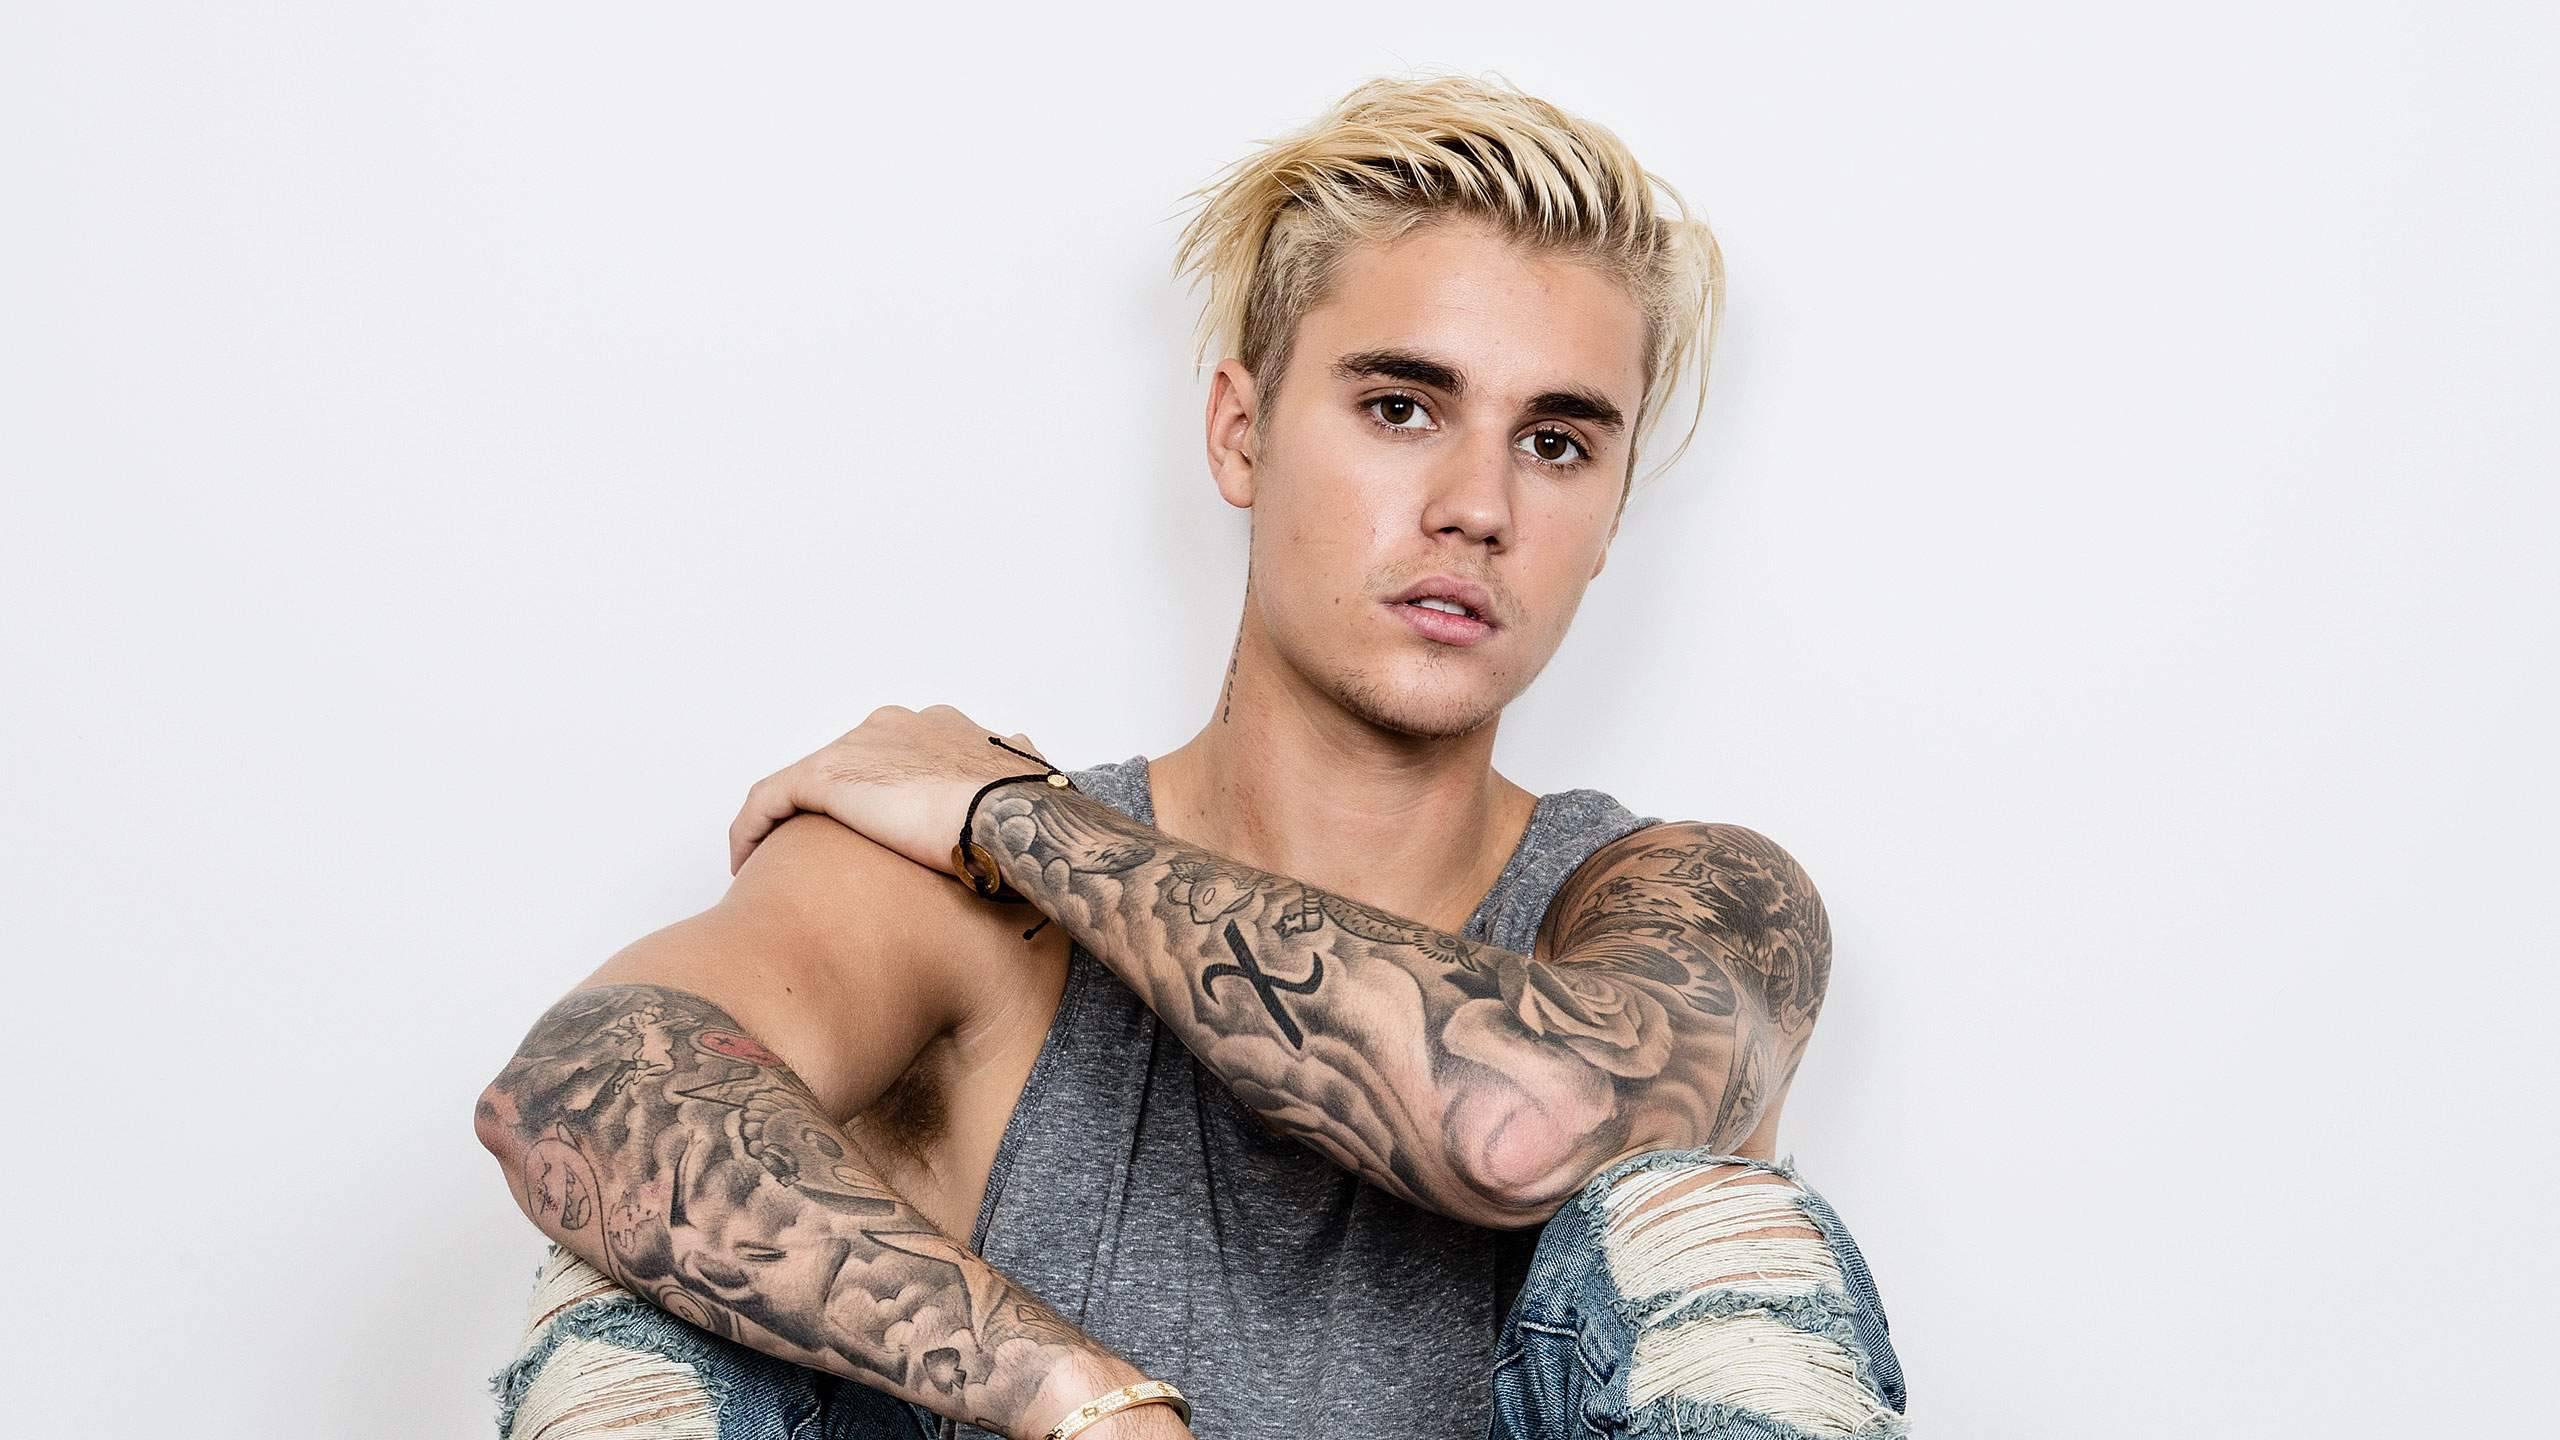 Justin Bieber giornalista lo fa infuriare